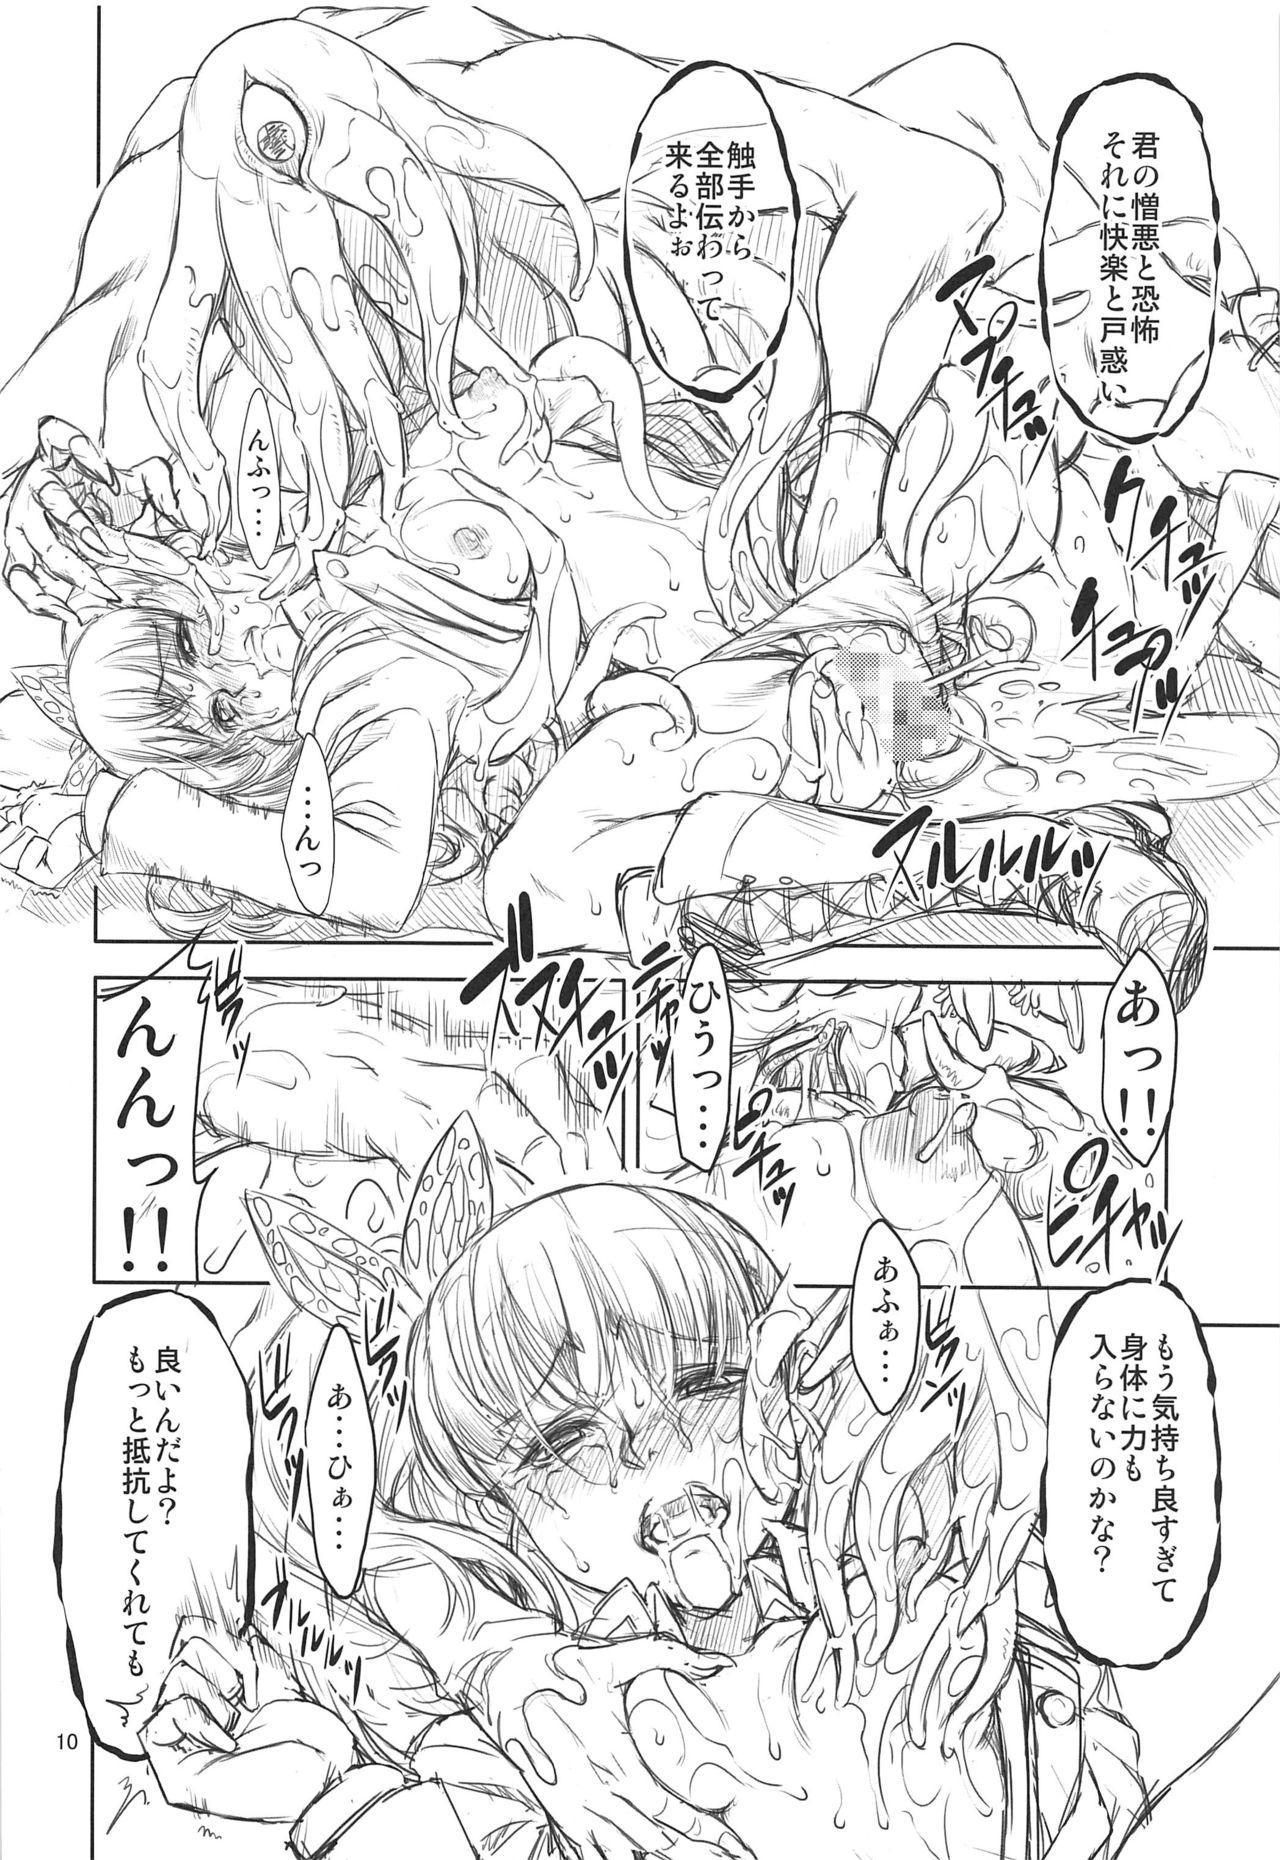 Kishoku 8